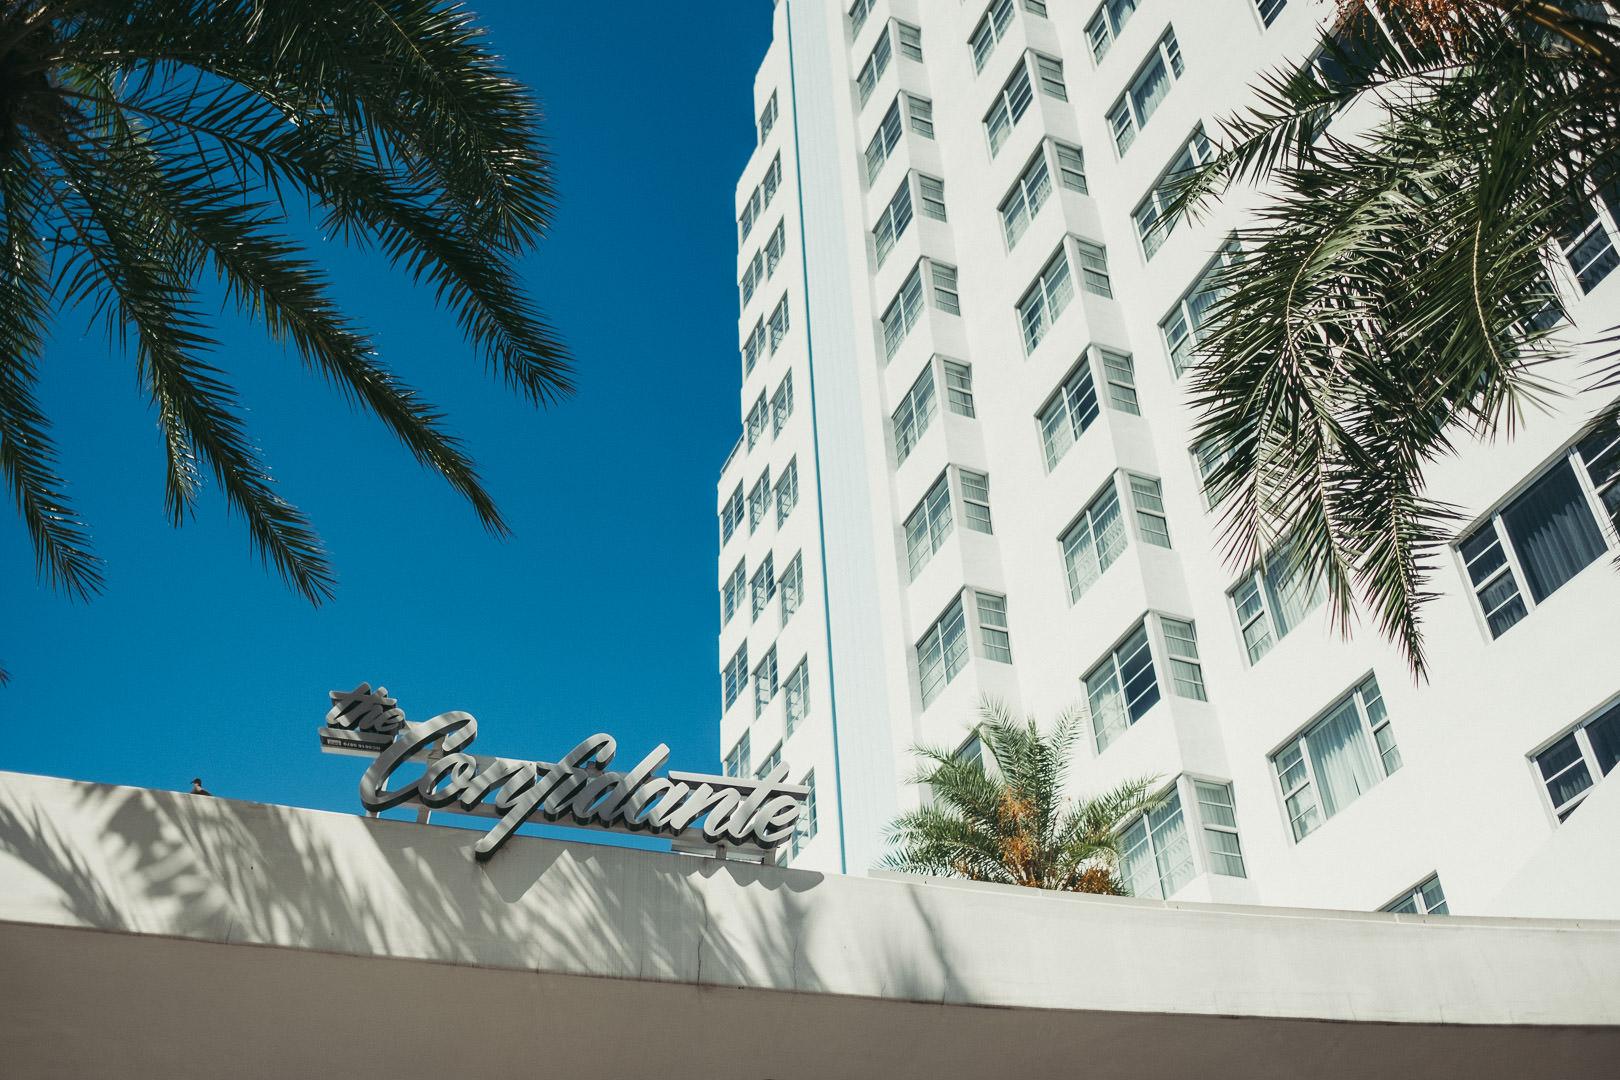 20180804_Miami City Guide - Ali Happer Photo_39.jpg